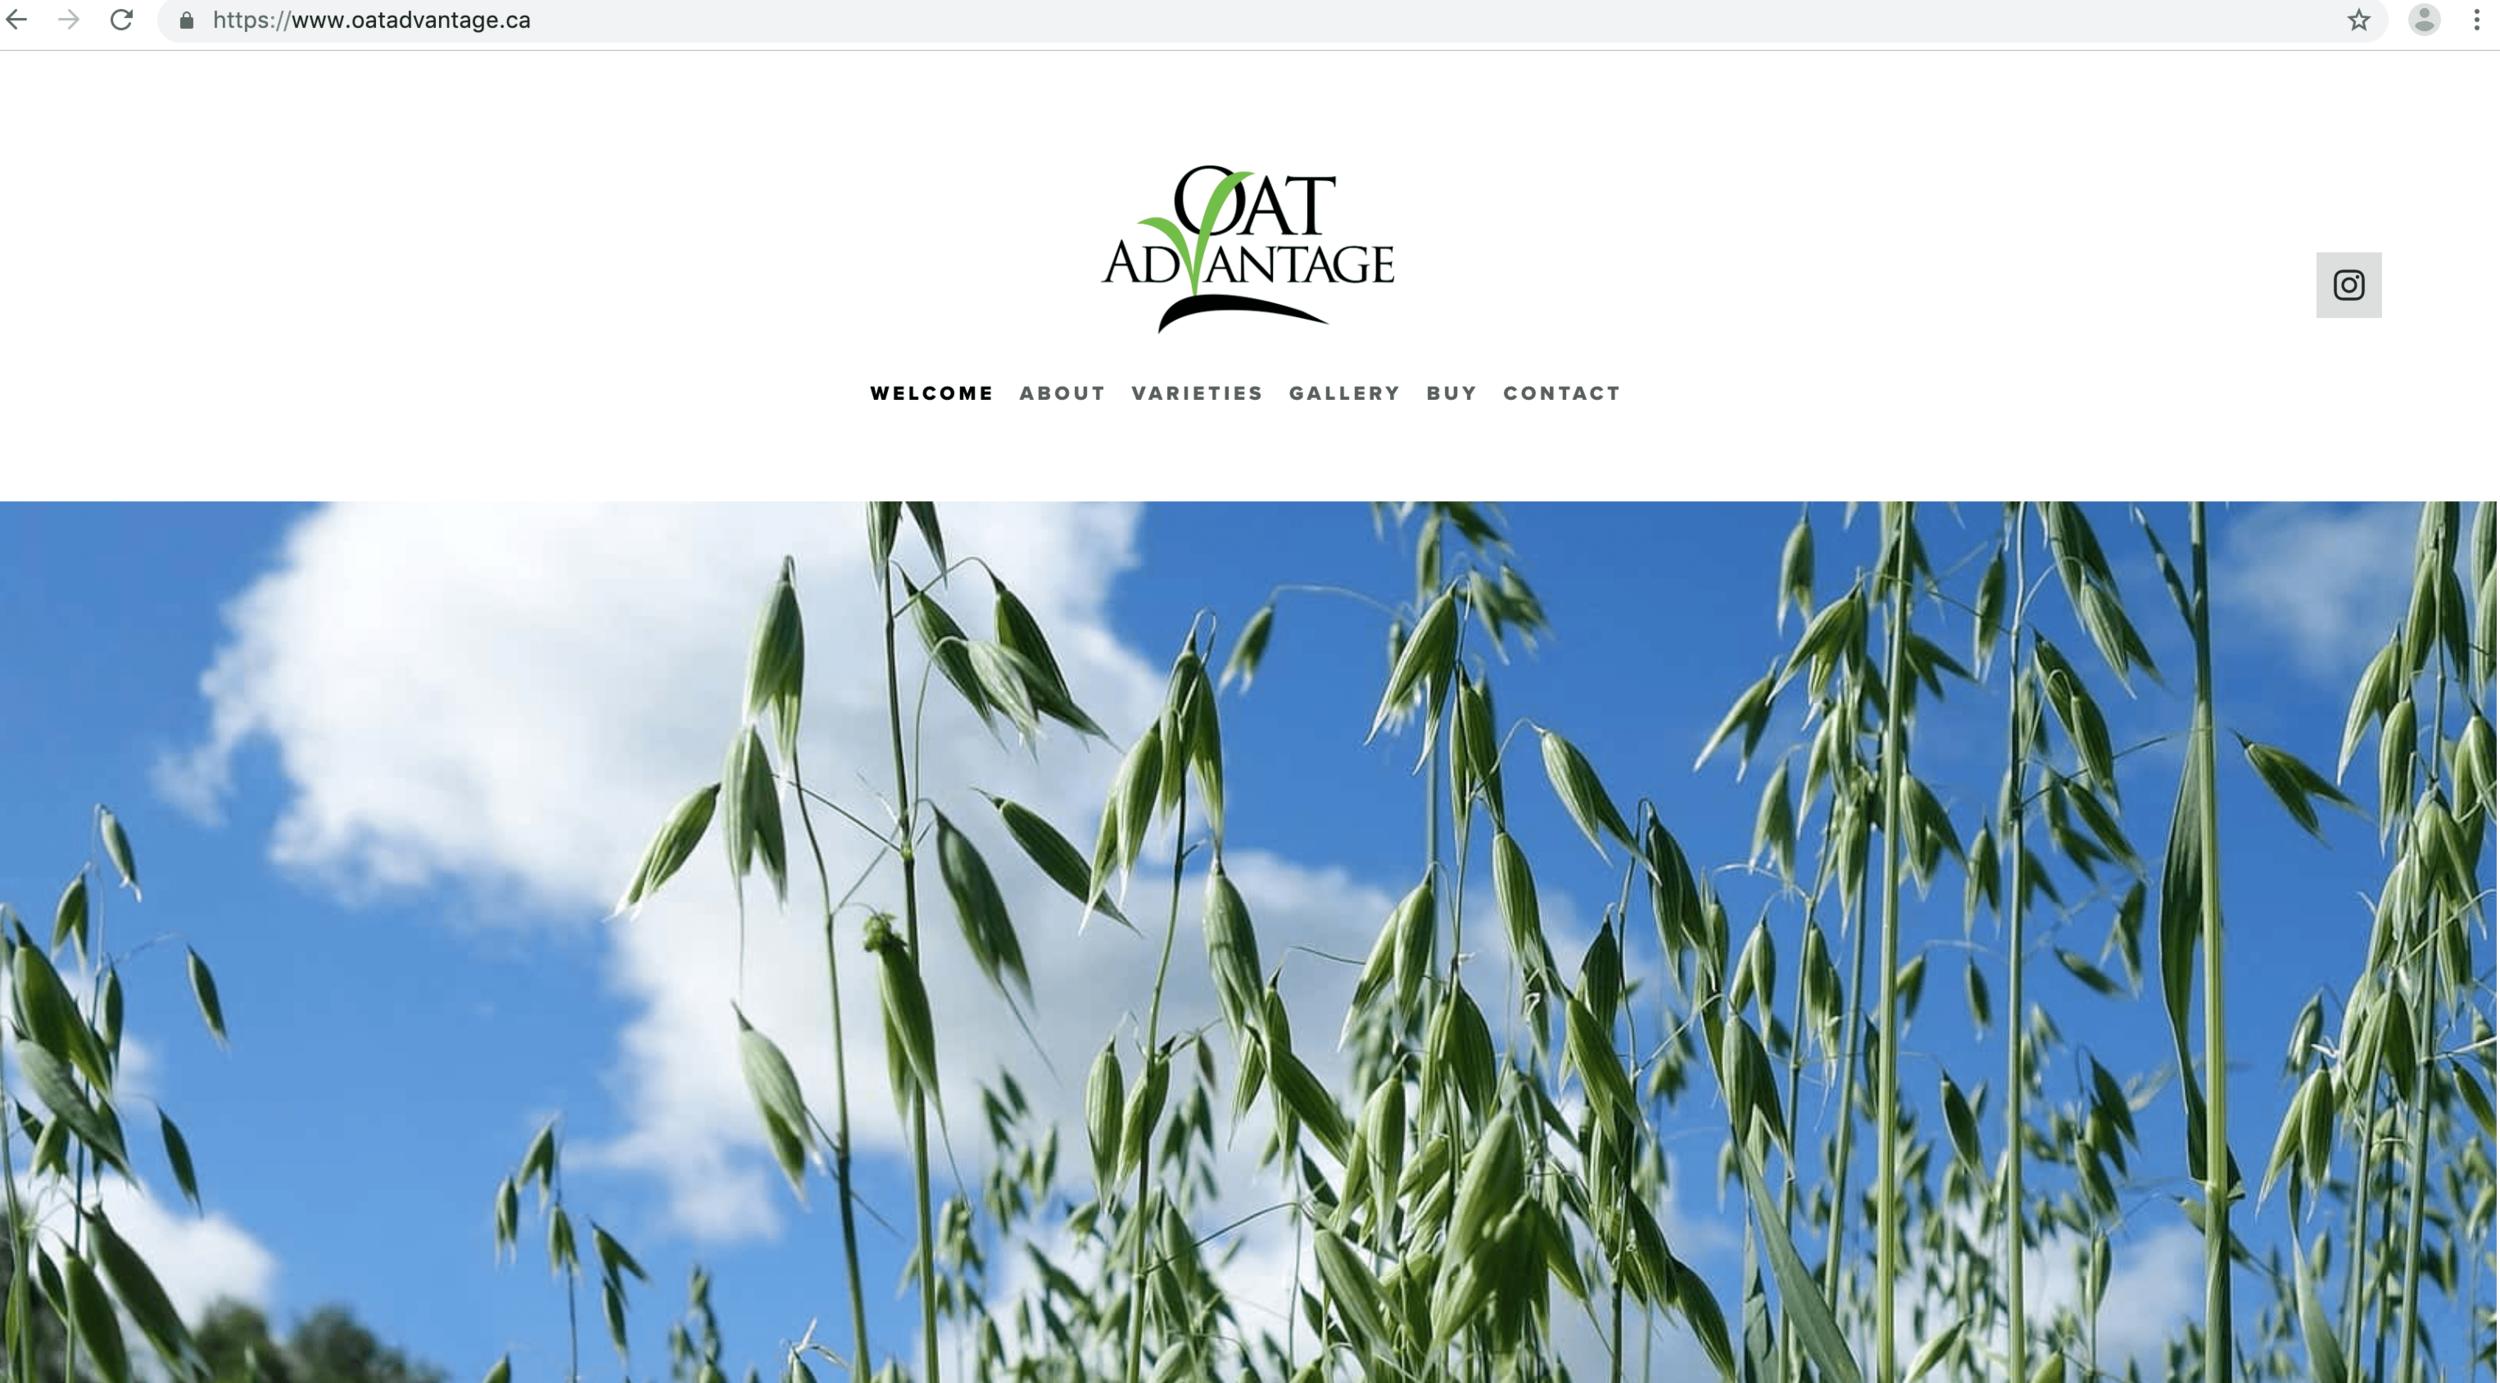 www.oatadvantage.ca-min.png